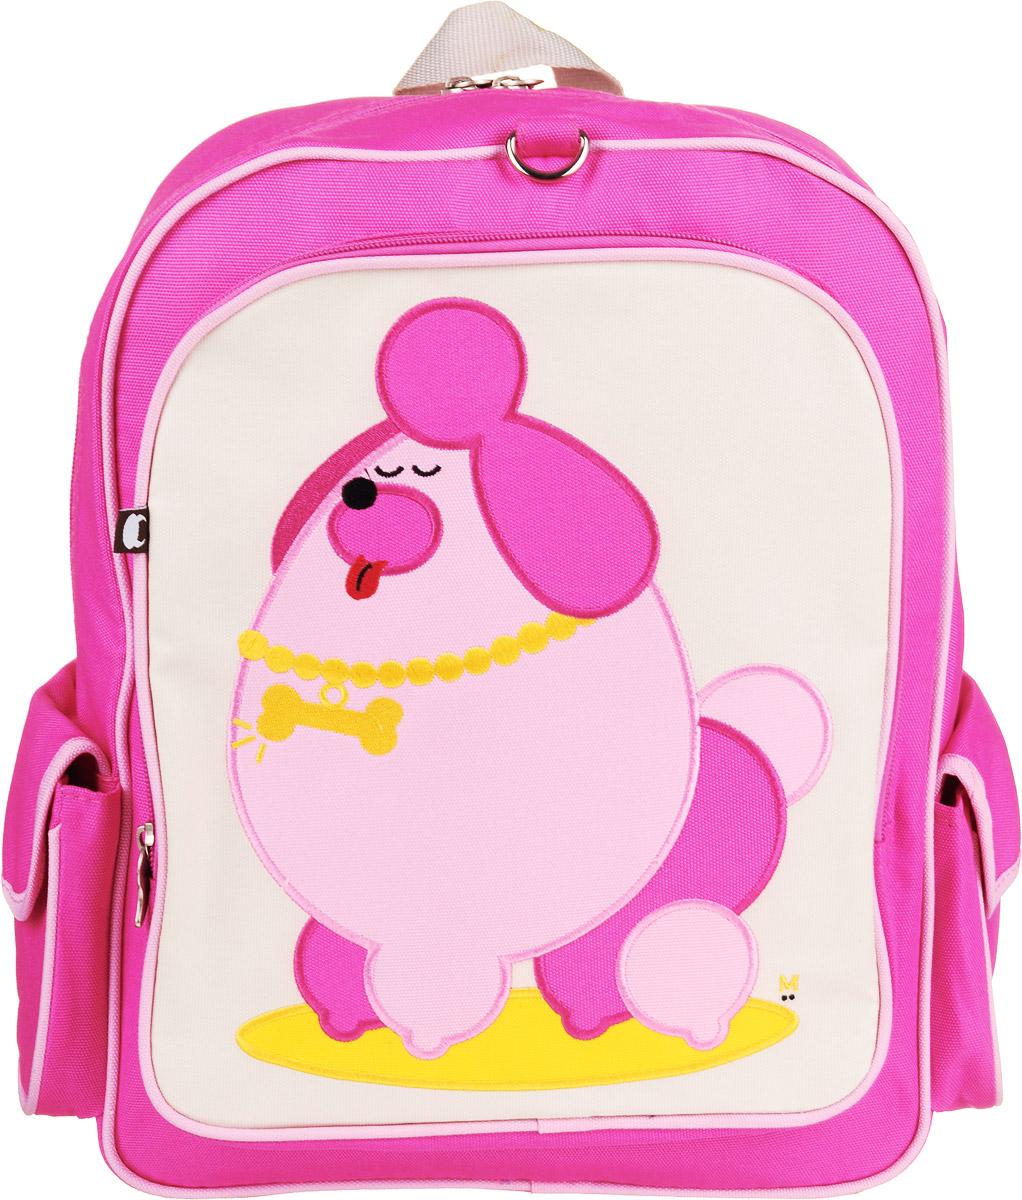 Рюкзак детский Beatrix Big Kid Pocchari-Poodle, цвет: молочный, розовый, желтый72523WDРюкзак Beatrix Pocchari-Poodle изготовлен из износоустойчивого нейлона ярких расцветок. Рюкзак оформлен вышитой аппликацией с изображением забавного животного. Рюкзак состоит из вместительного отделения, закрывающегося на застежку-молнию с двумя бегунками. Бегунки застежки дополнены металлическими держателями. На лицевой стороне рюкзака один большой накладной карман на молнии. Внутри отделения находится дополнительный кармашек на застежке-молнии. На задней стенке рюкзака имеется нашивка, на которой можно указать данные владельца. По бокам рюкзака имеются два накладных кармашка, закрывающихся на клапан с липучкой. Мягкие широкие лямки позволяют легко и быстро отрегулировать рюкзак в соответствии с ростом. Спинка рюкзака и лямки прошиты для дополнительного комфорта при эксплуатации. Рюкзак оснащен удобной текстильной ручкой для переноски в руке. Достаточно вместительный для того, чтобы в них поместились учебники, ноутбук, школьный завтрак и остальной арсенал школьника. Идеально подходит как для школы, так для повседневных прогулок, отдыха и спорта.